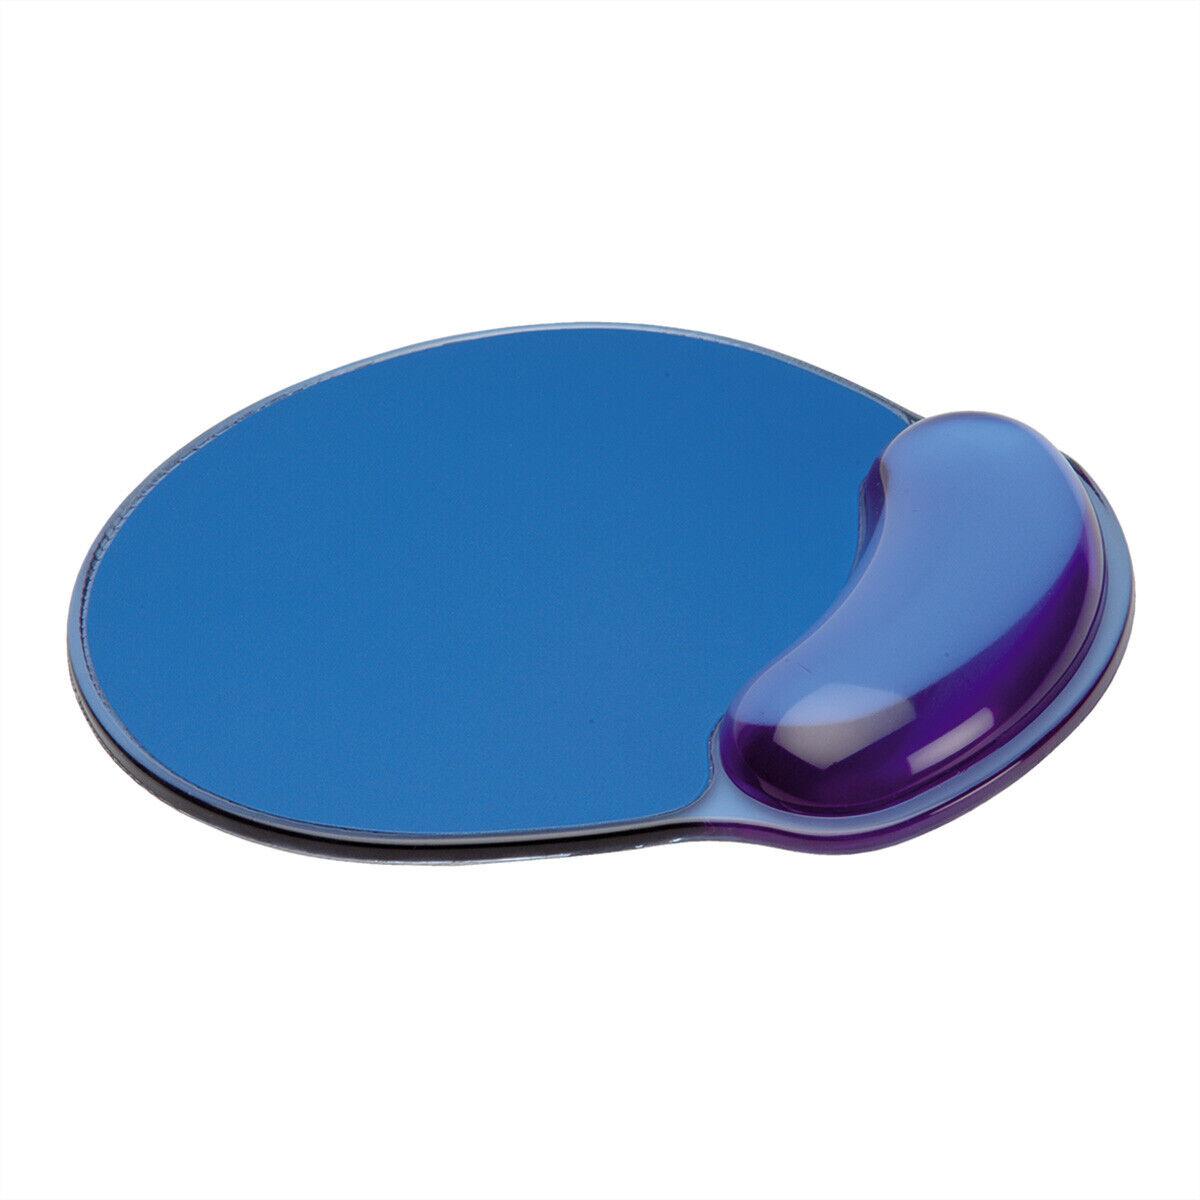 Mauspad mit Handgelenkauflage, blau, Silikon - Sehnenscheiden schonend